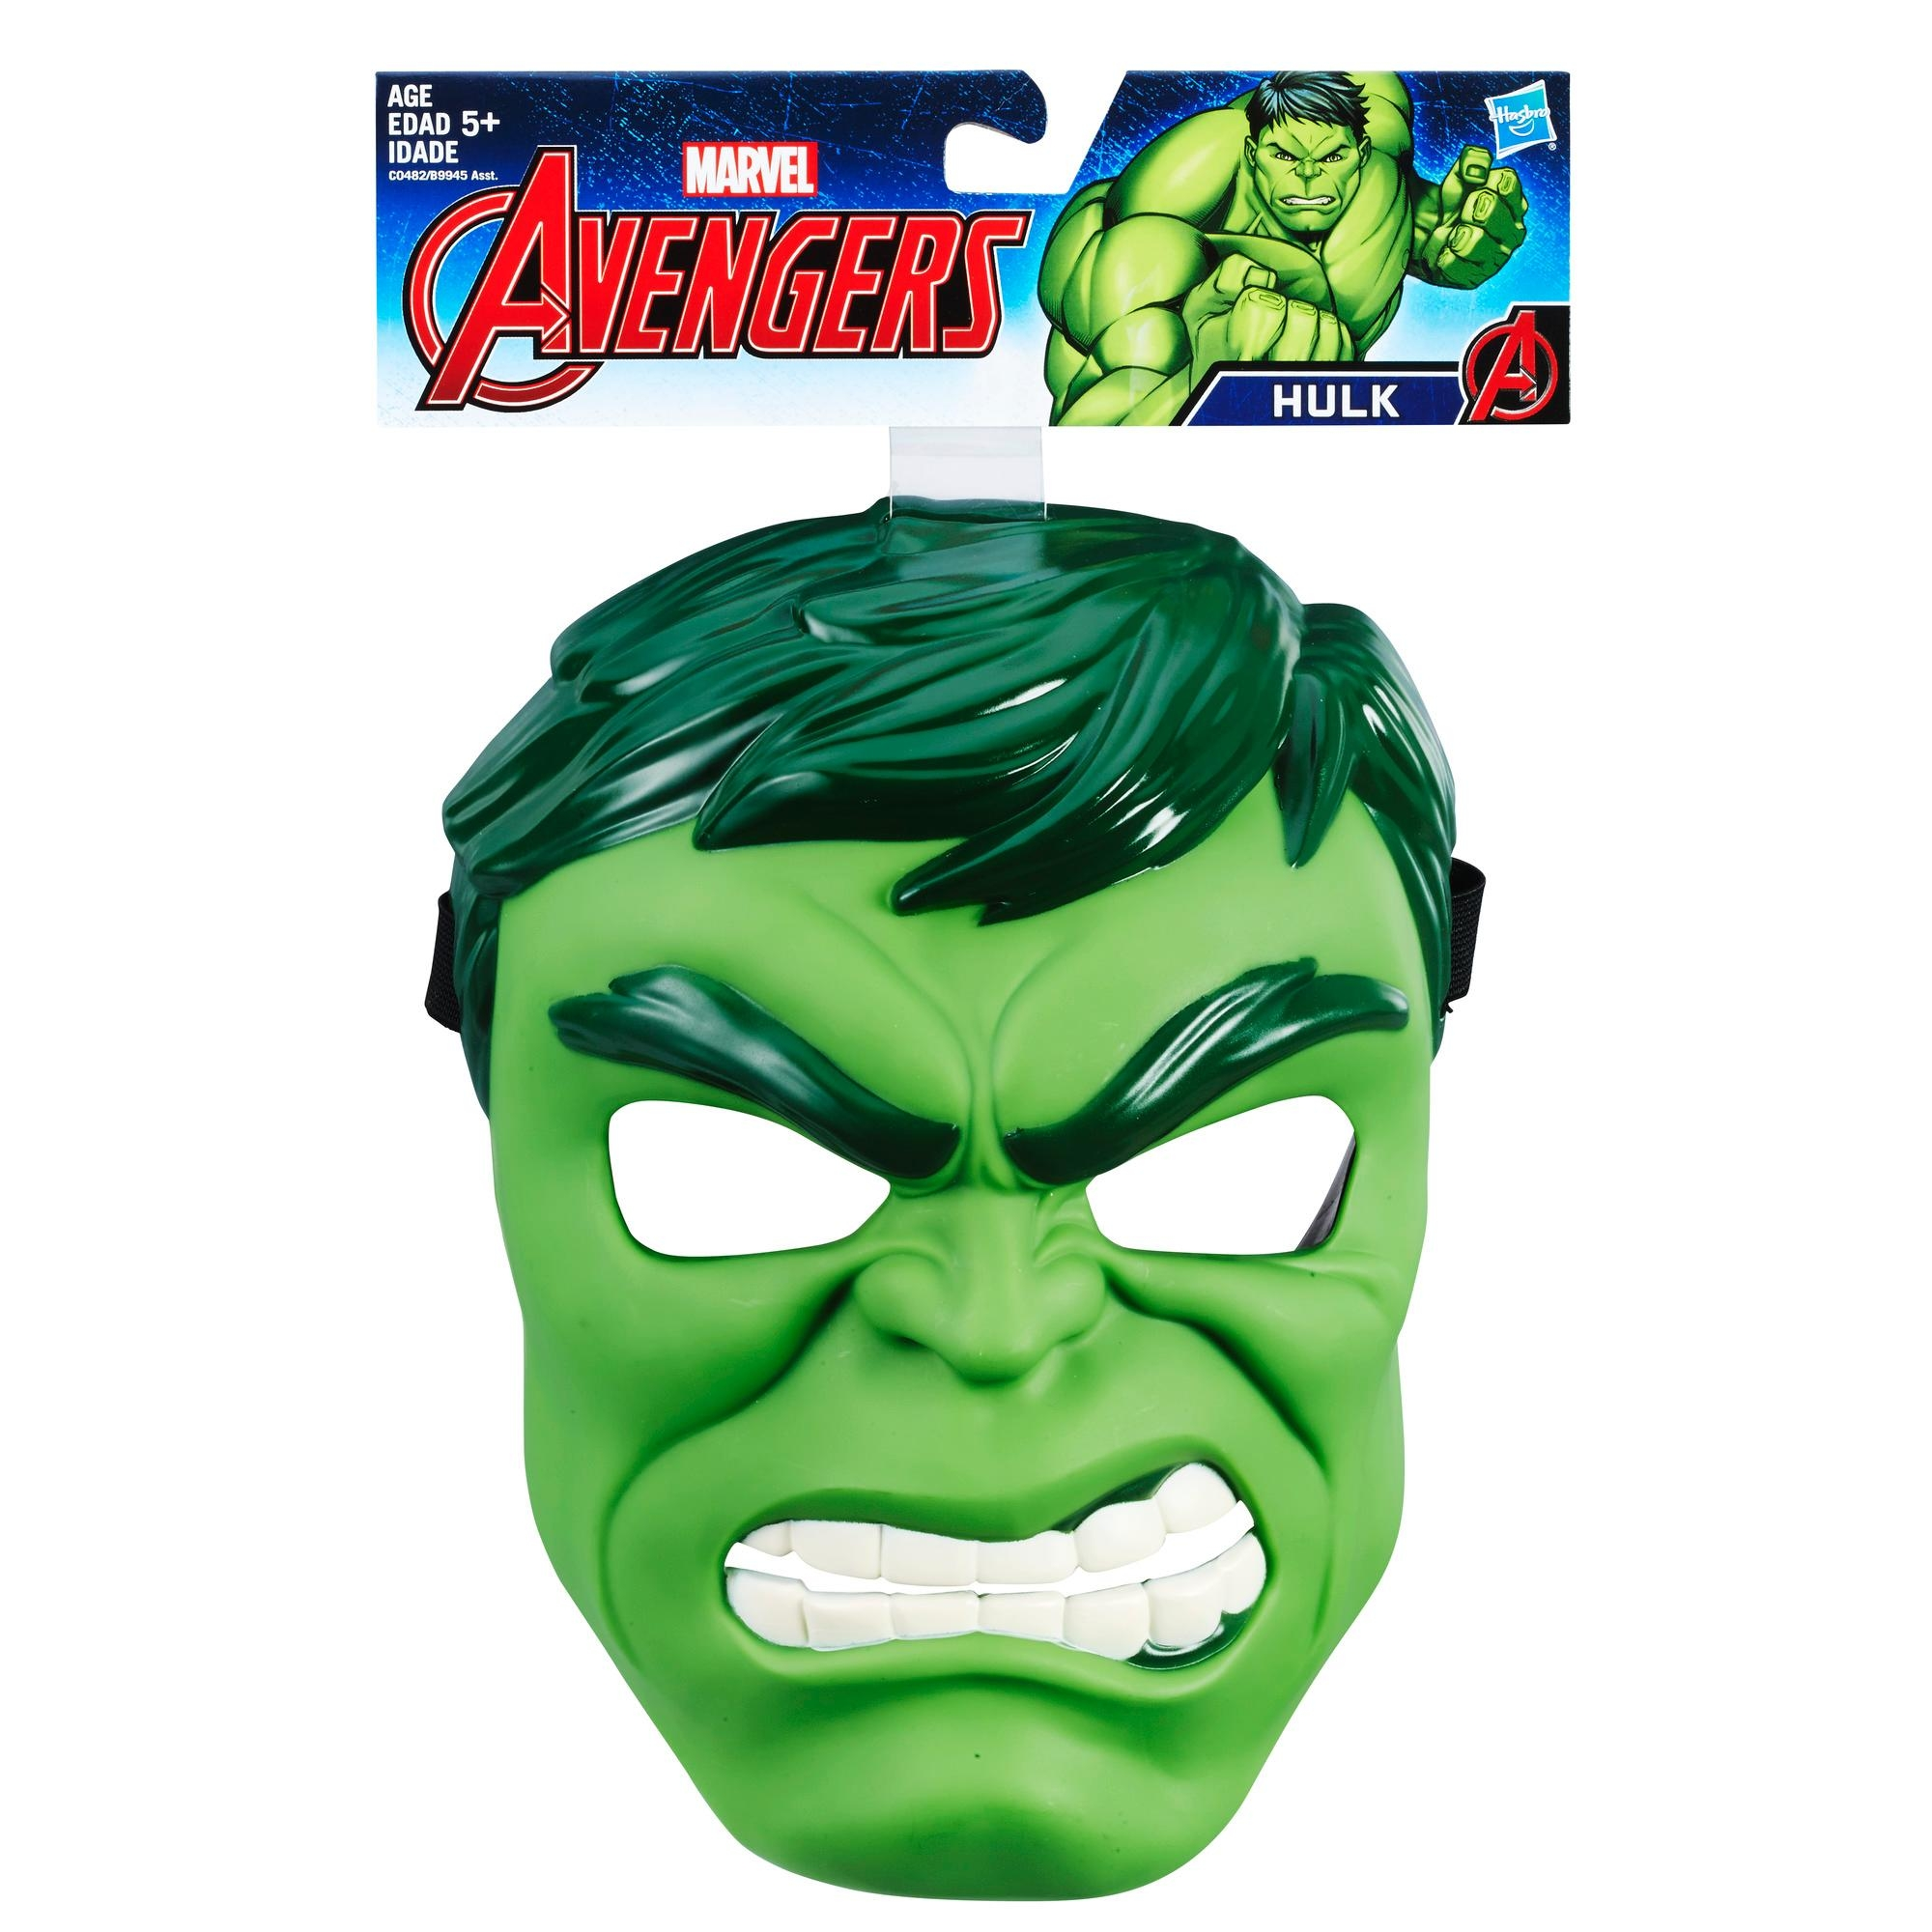 Marvel Avengers Hulk Basic Mask